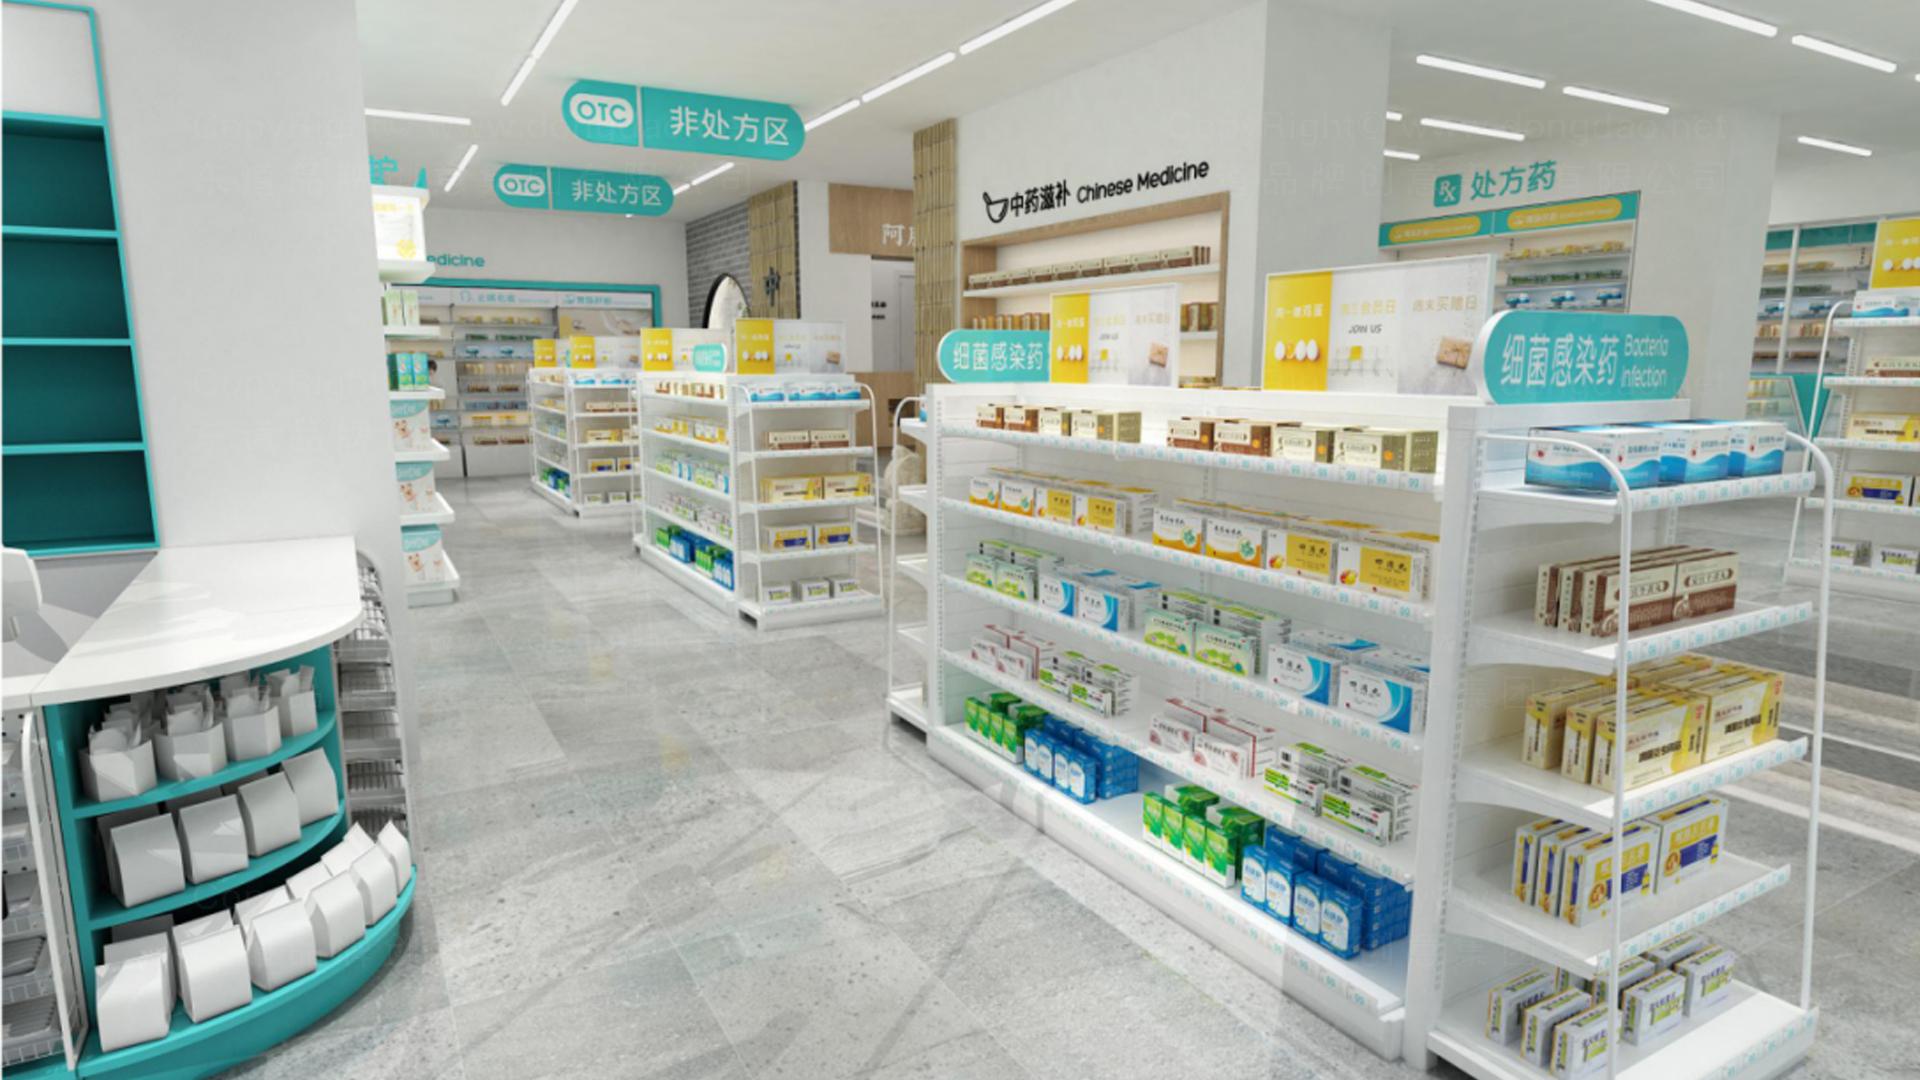 弘发药业药店终端SI设计应用场景_1